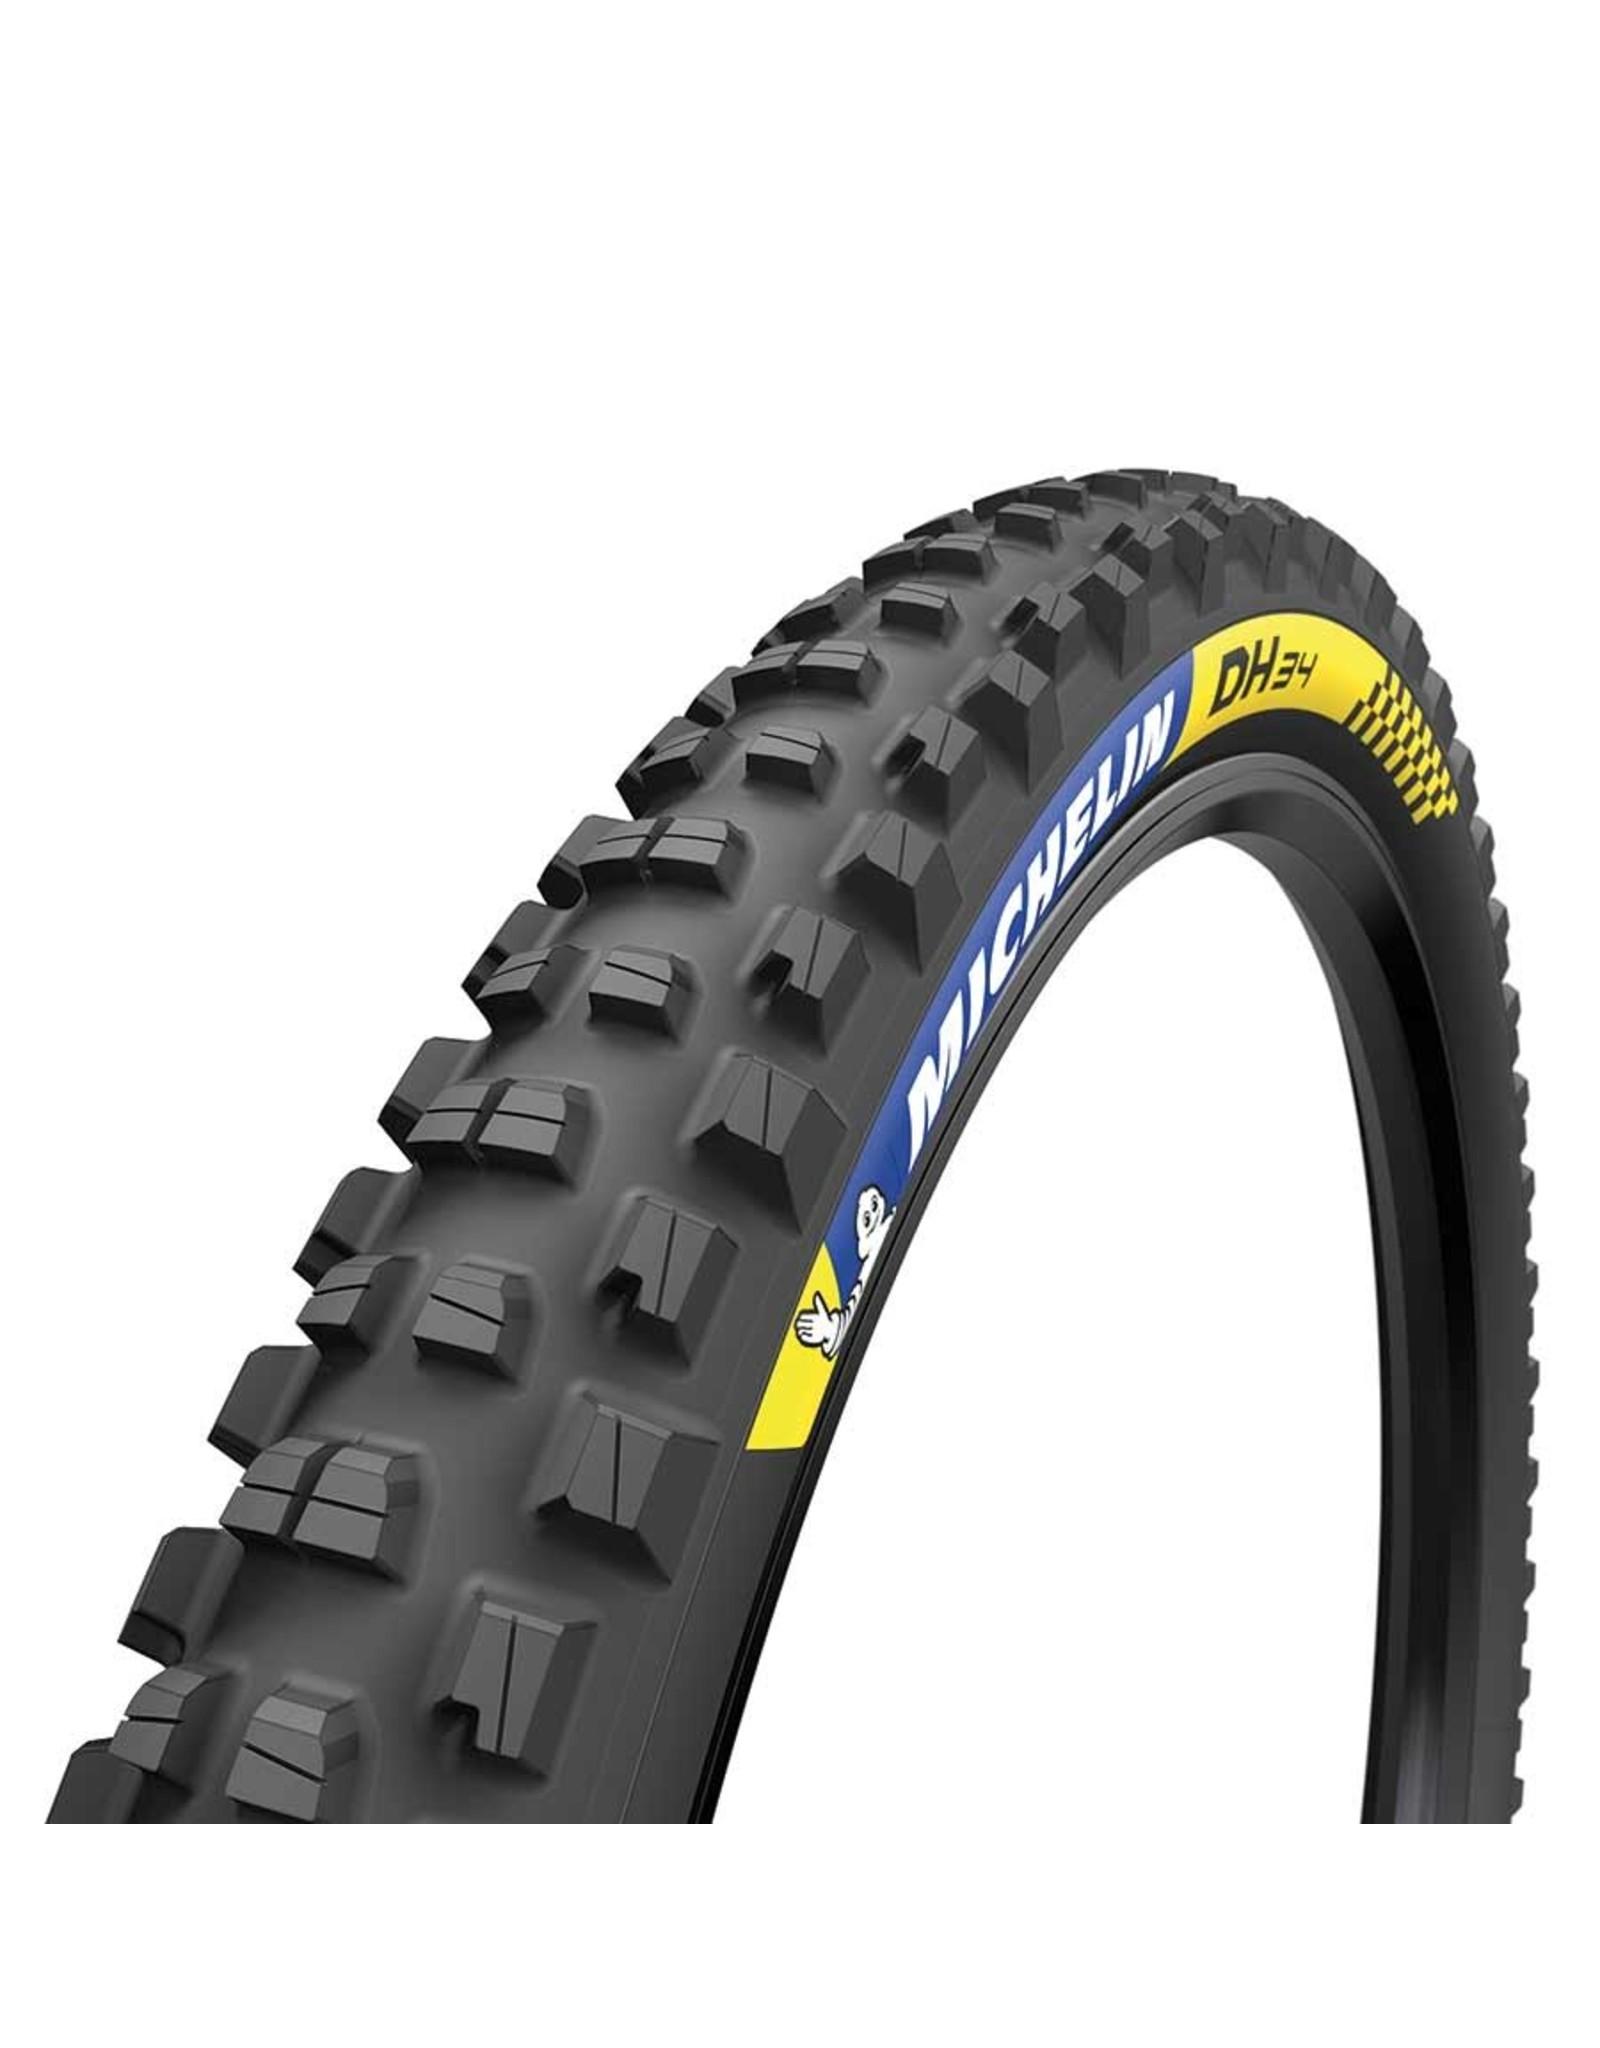 Michelin Michelin, DH34, Tire, 27.5''x2.40, Wire, Tubeless Ready, MAGI-X, Downhill Shield, 2x55TPI, Black